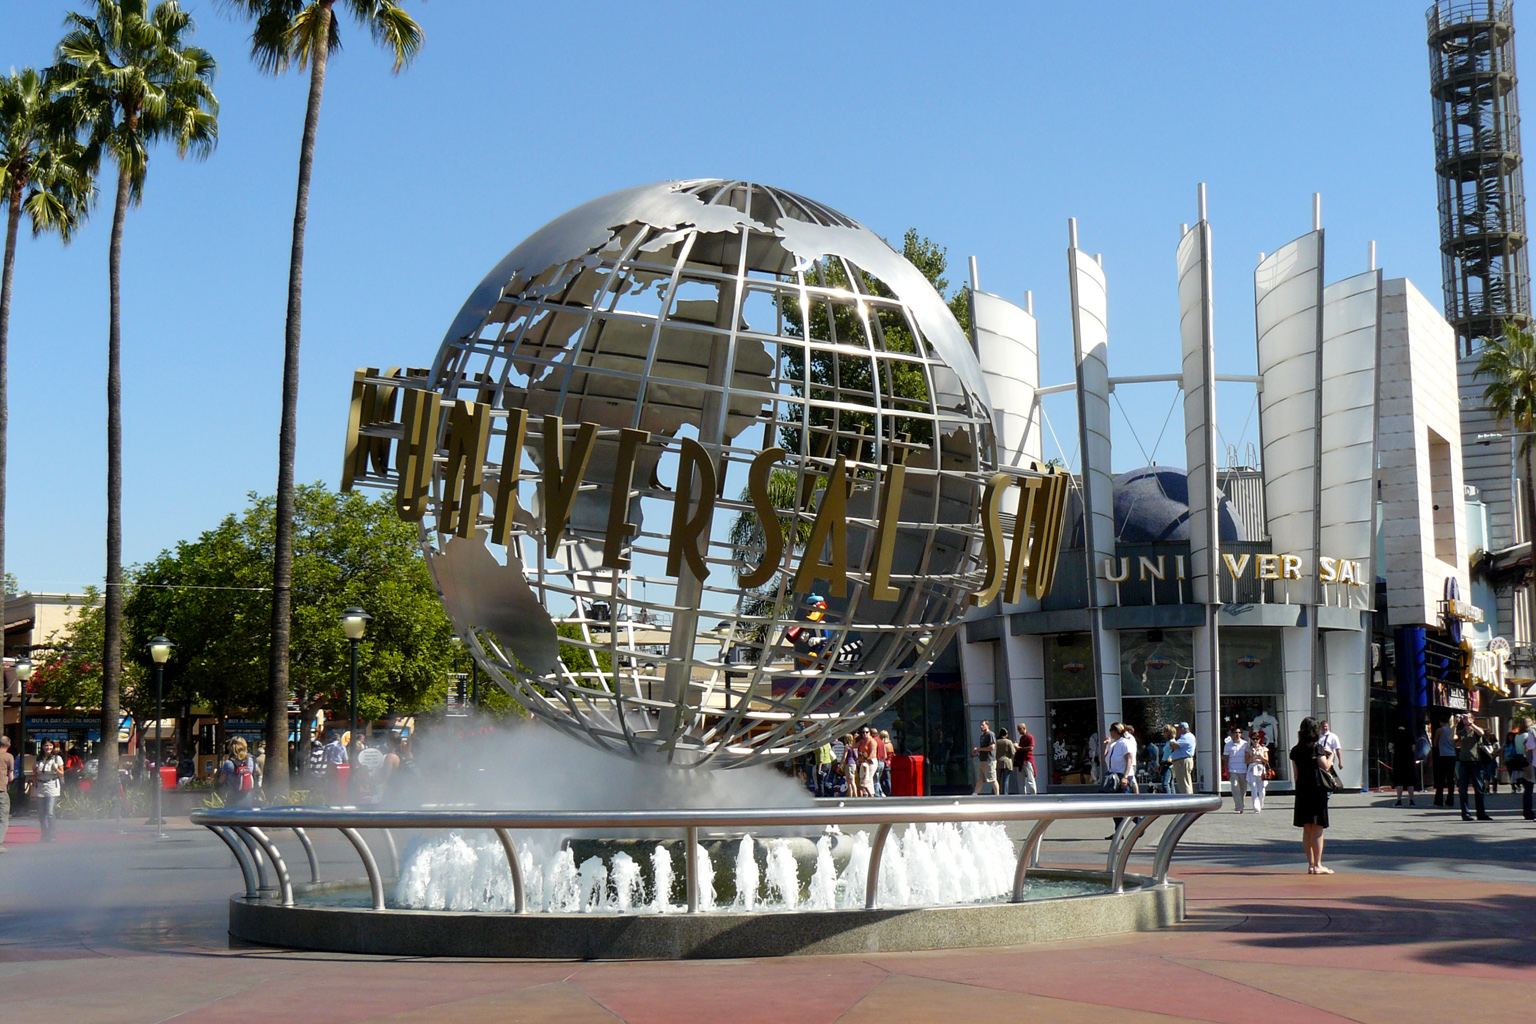 Fountain outside City Walk © SPBer/Wikimedia